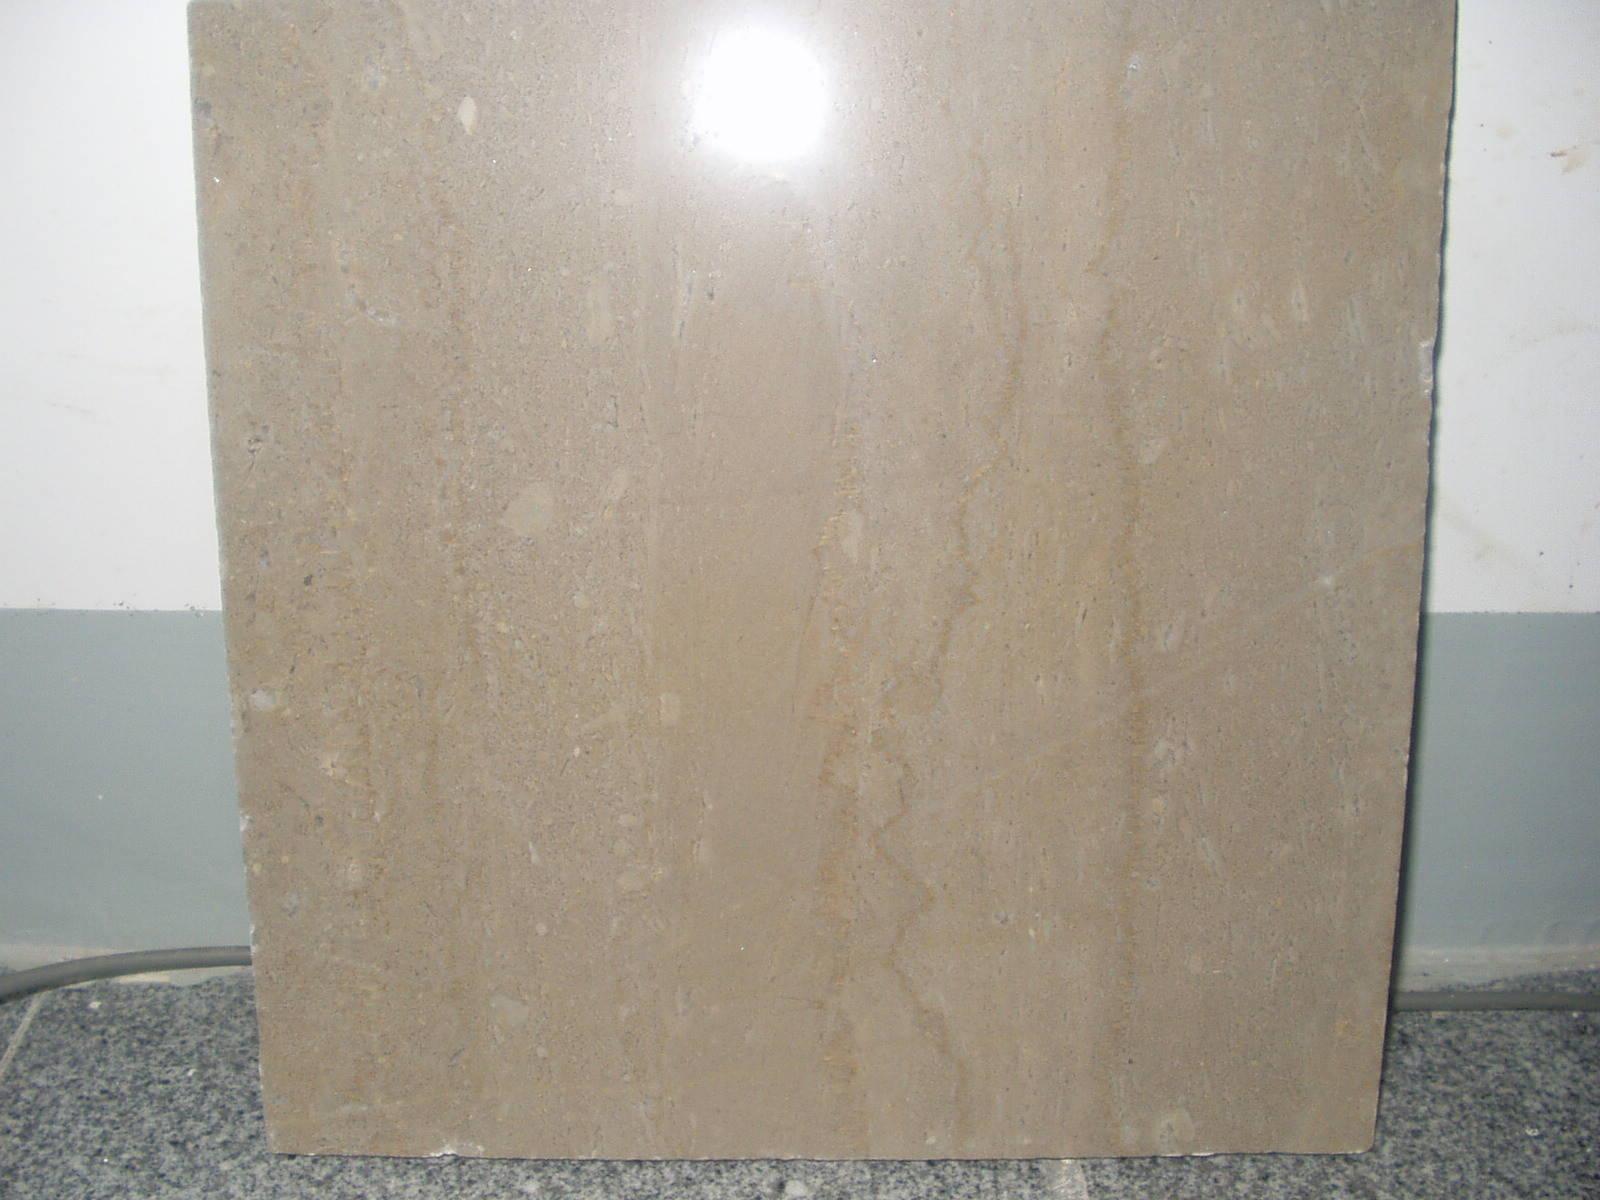 古堡灰产品图片,古堡灰产品相册 贵州贵铜石材有限公司